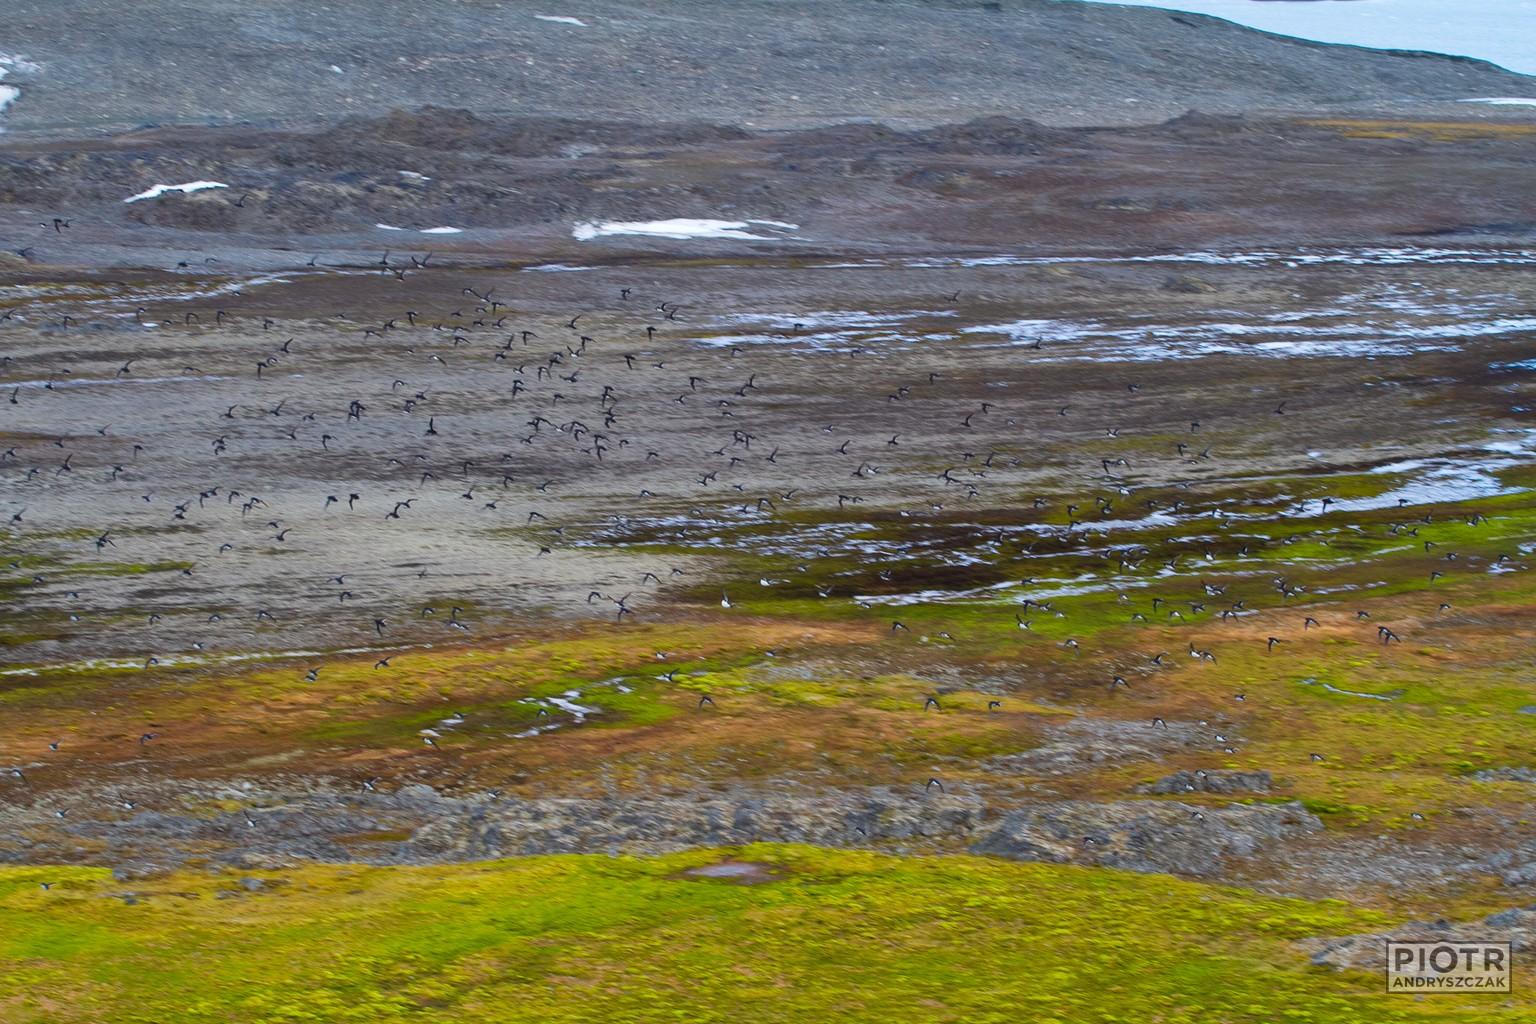 Stada alczyków nad tundrą